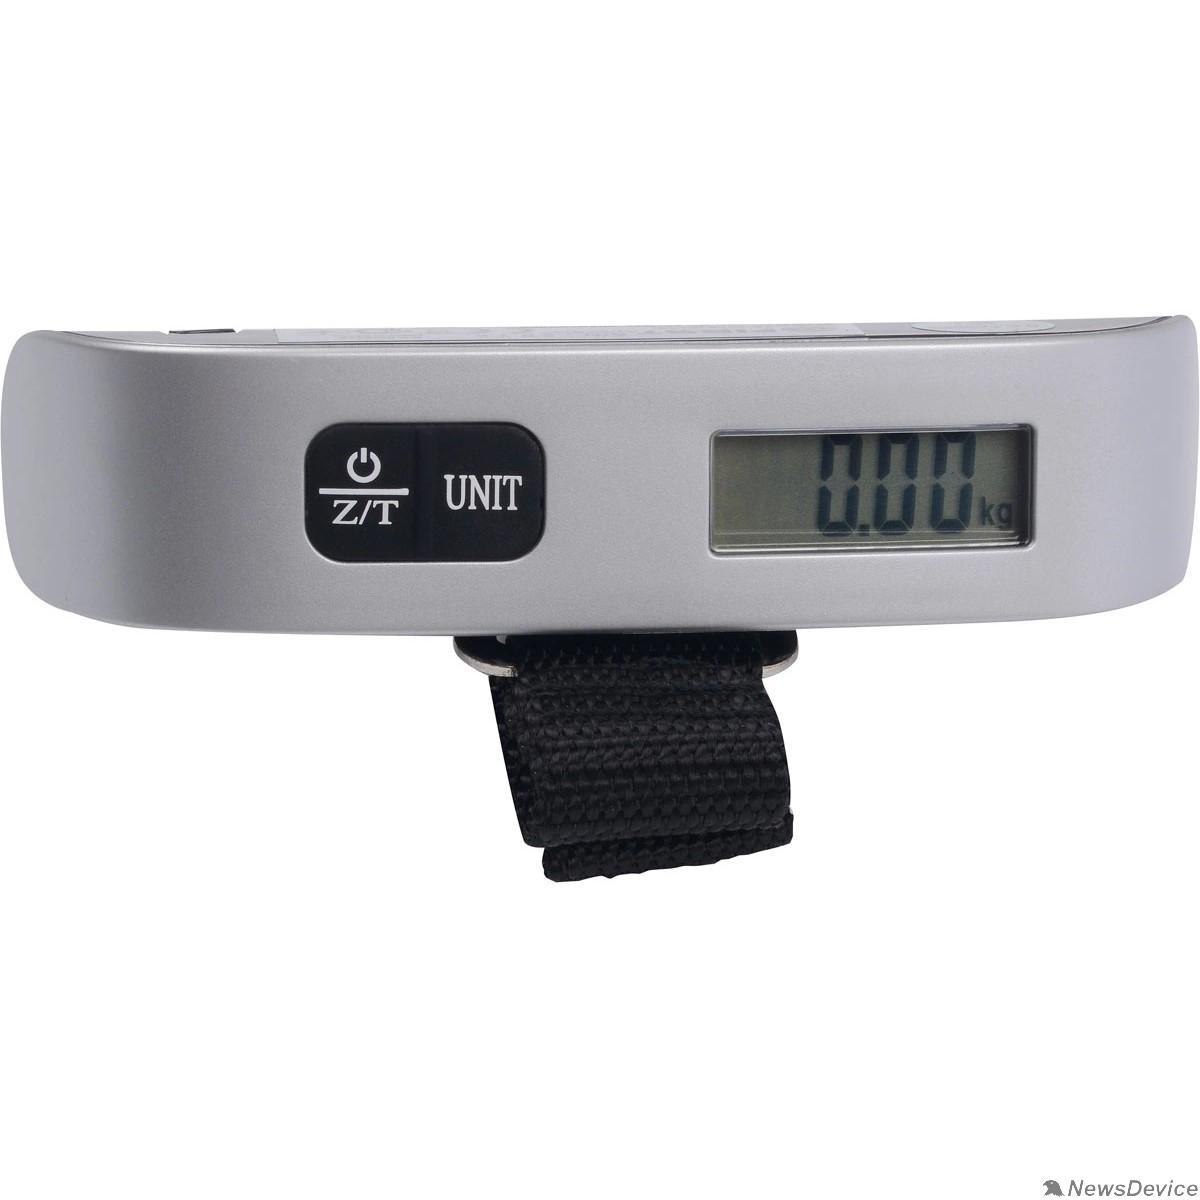 Весы FIRST FA-6409 Black Весы багажные, электронные, 50 кг, 50 гр, тарокомпенсация, термометр.Black